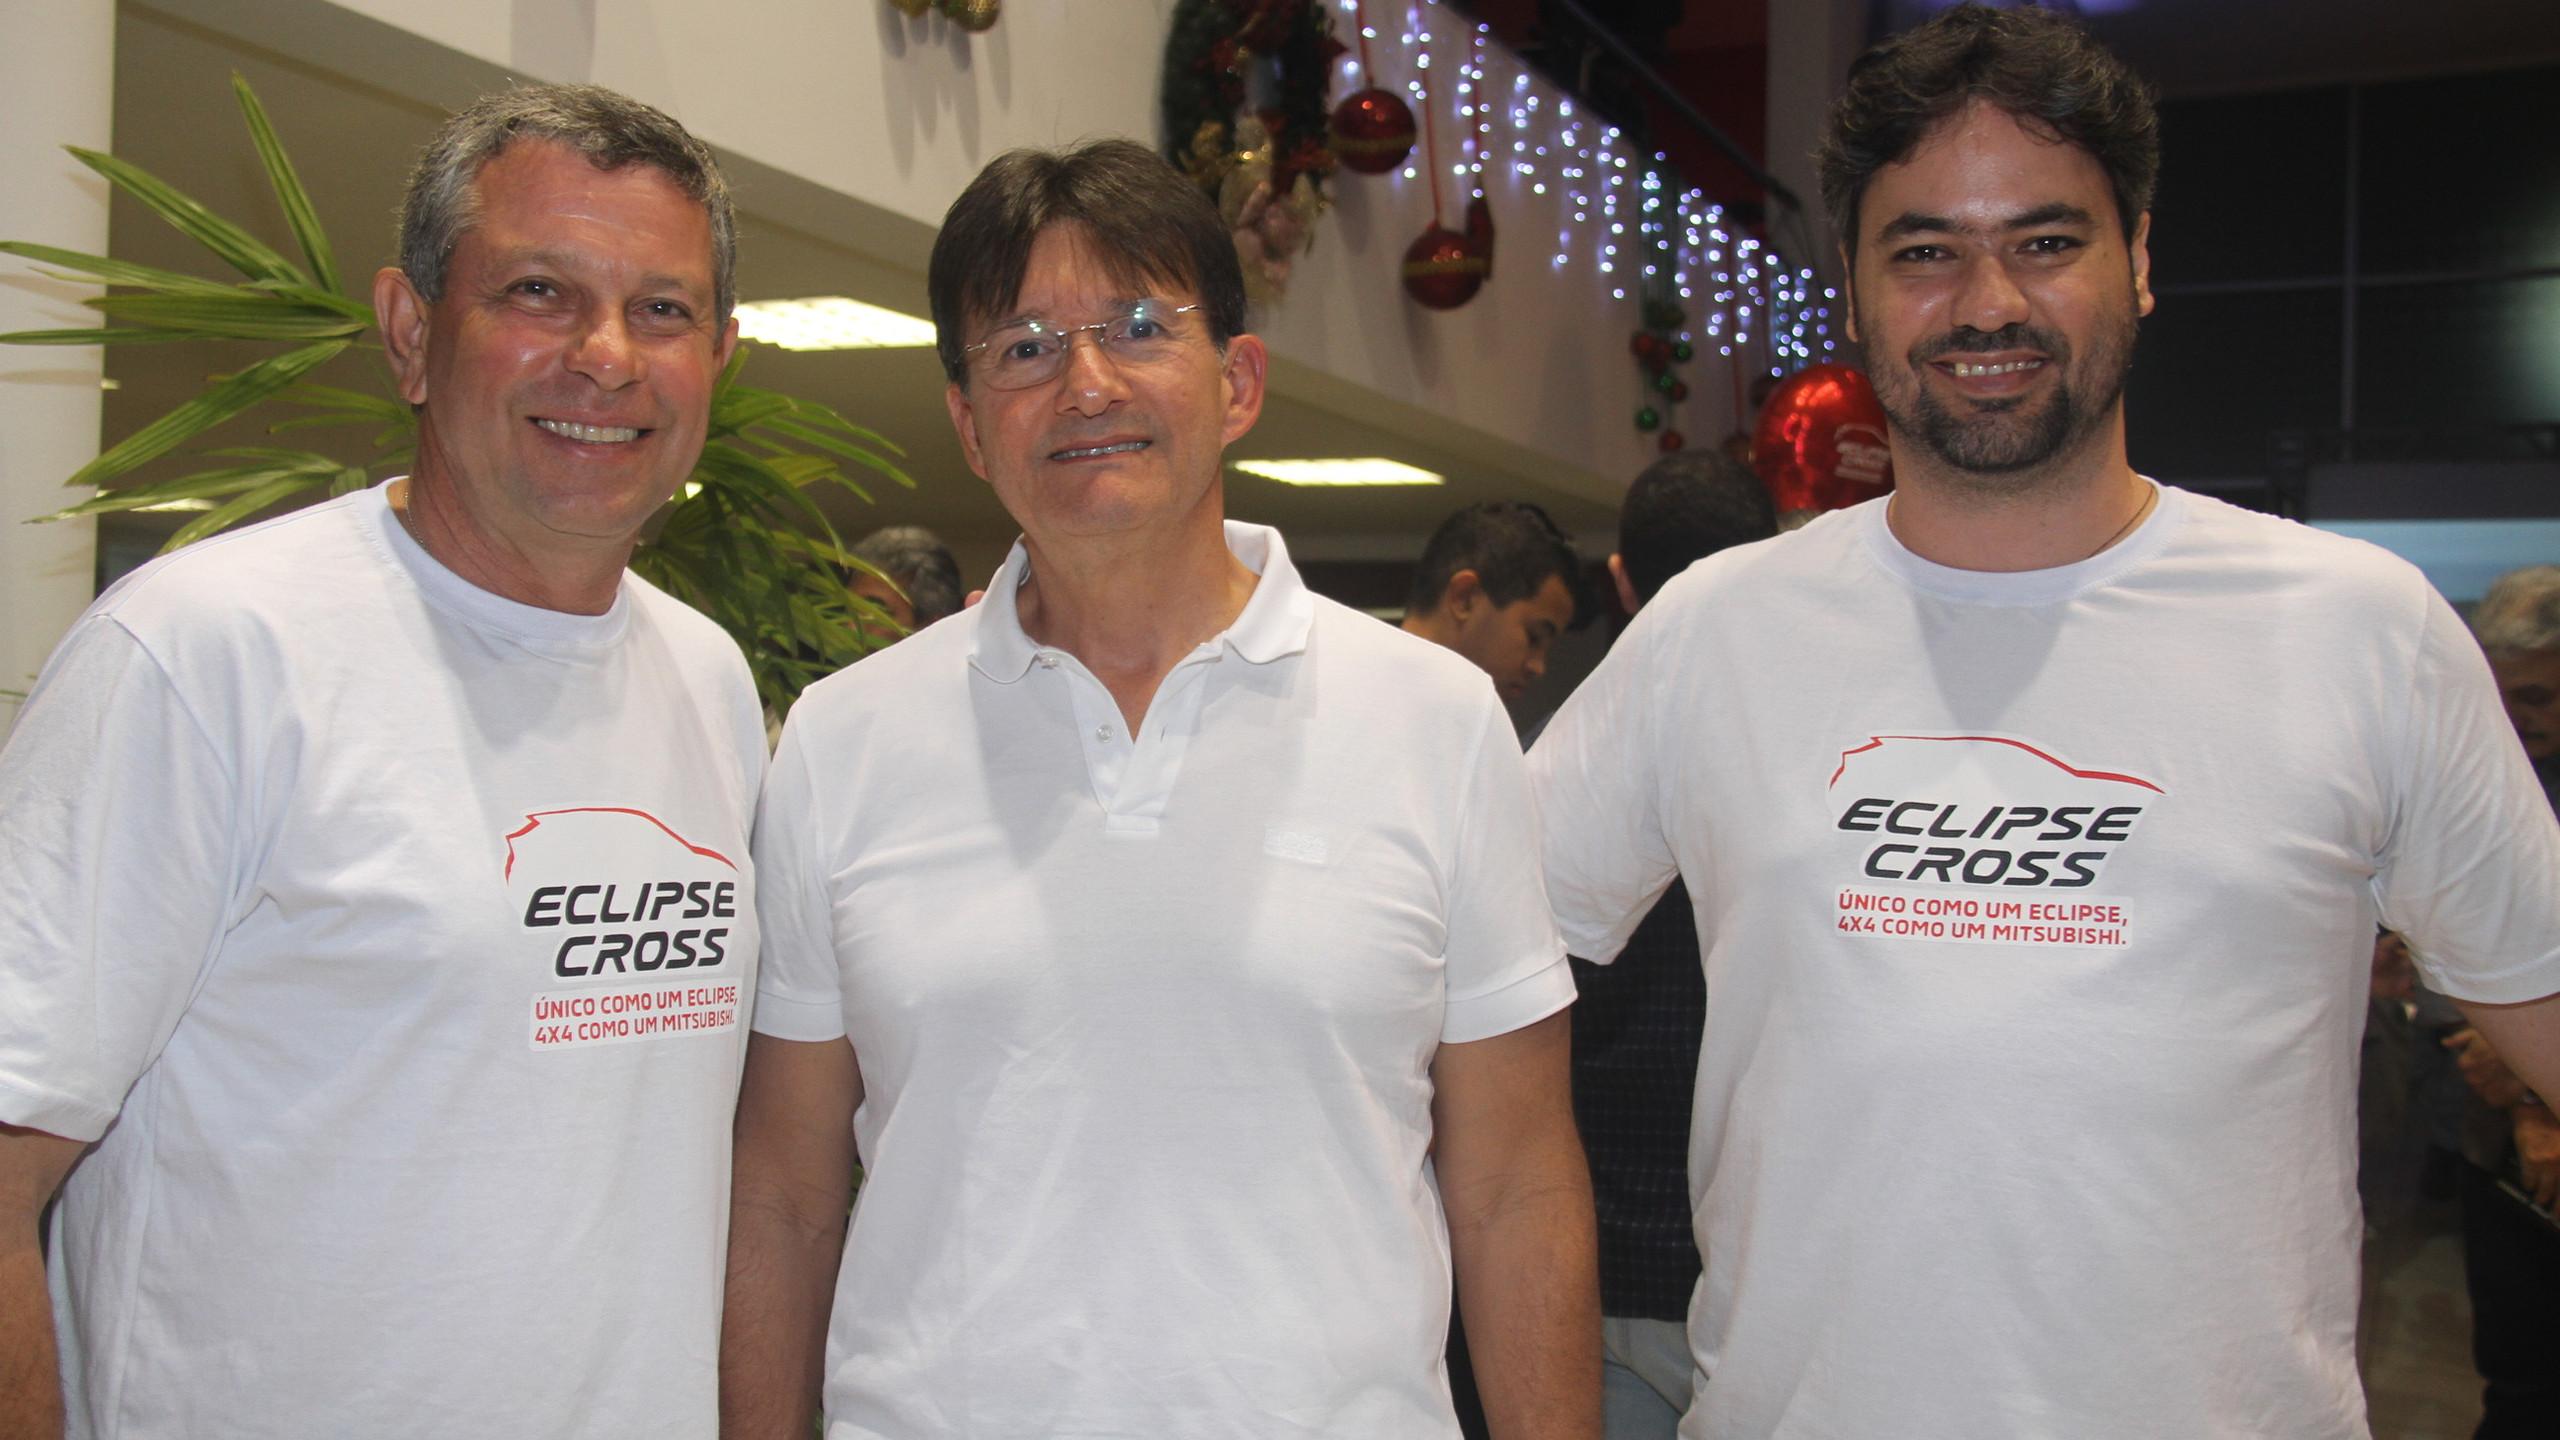 O empresário Jura Filho entre o piloto Fábio Cadasso e seu navegador João Afro, patrocinados pela marca.